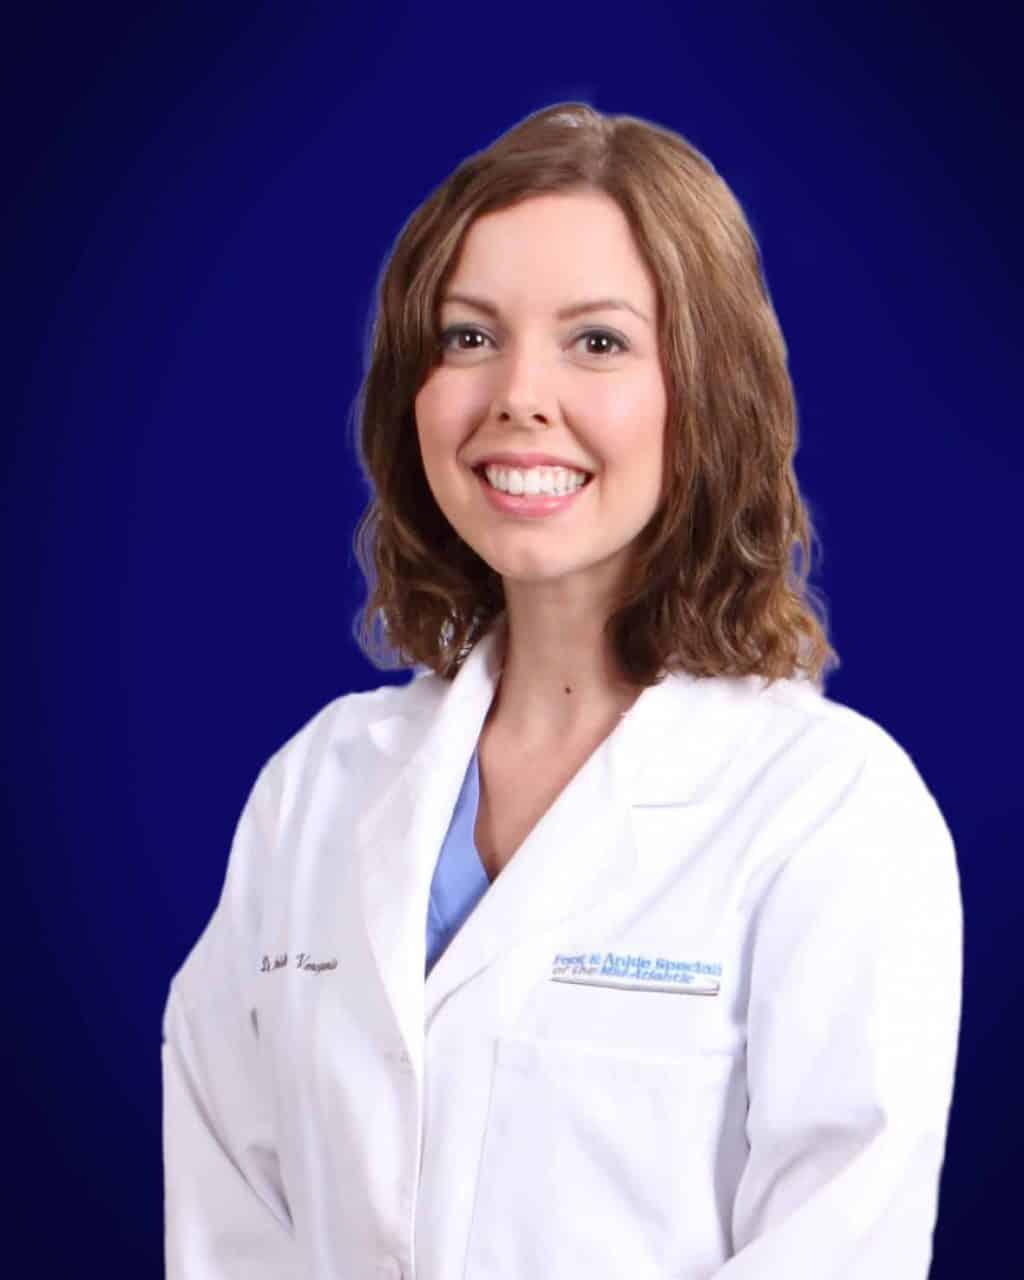 Dr. Danielle Venegonia